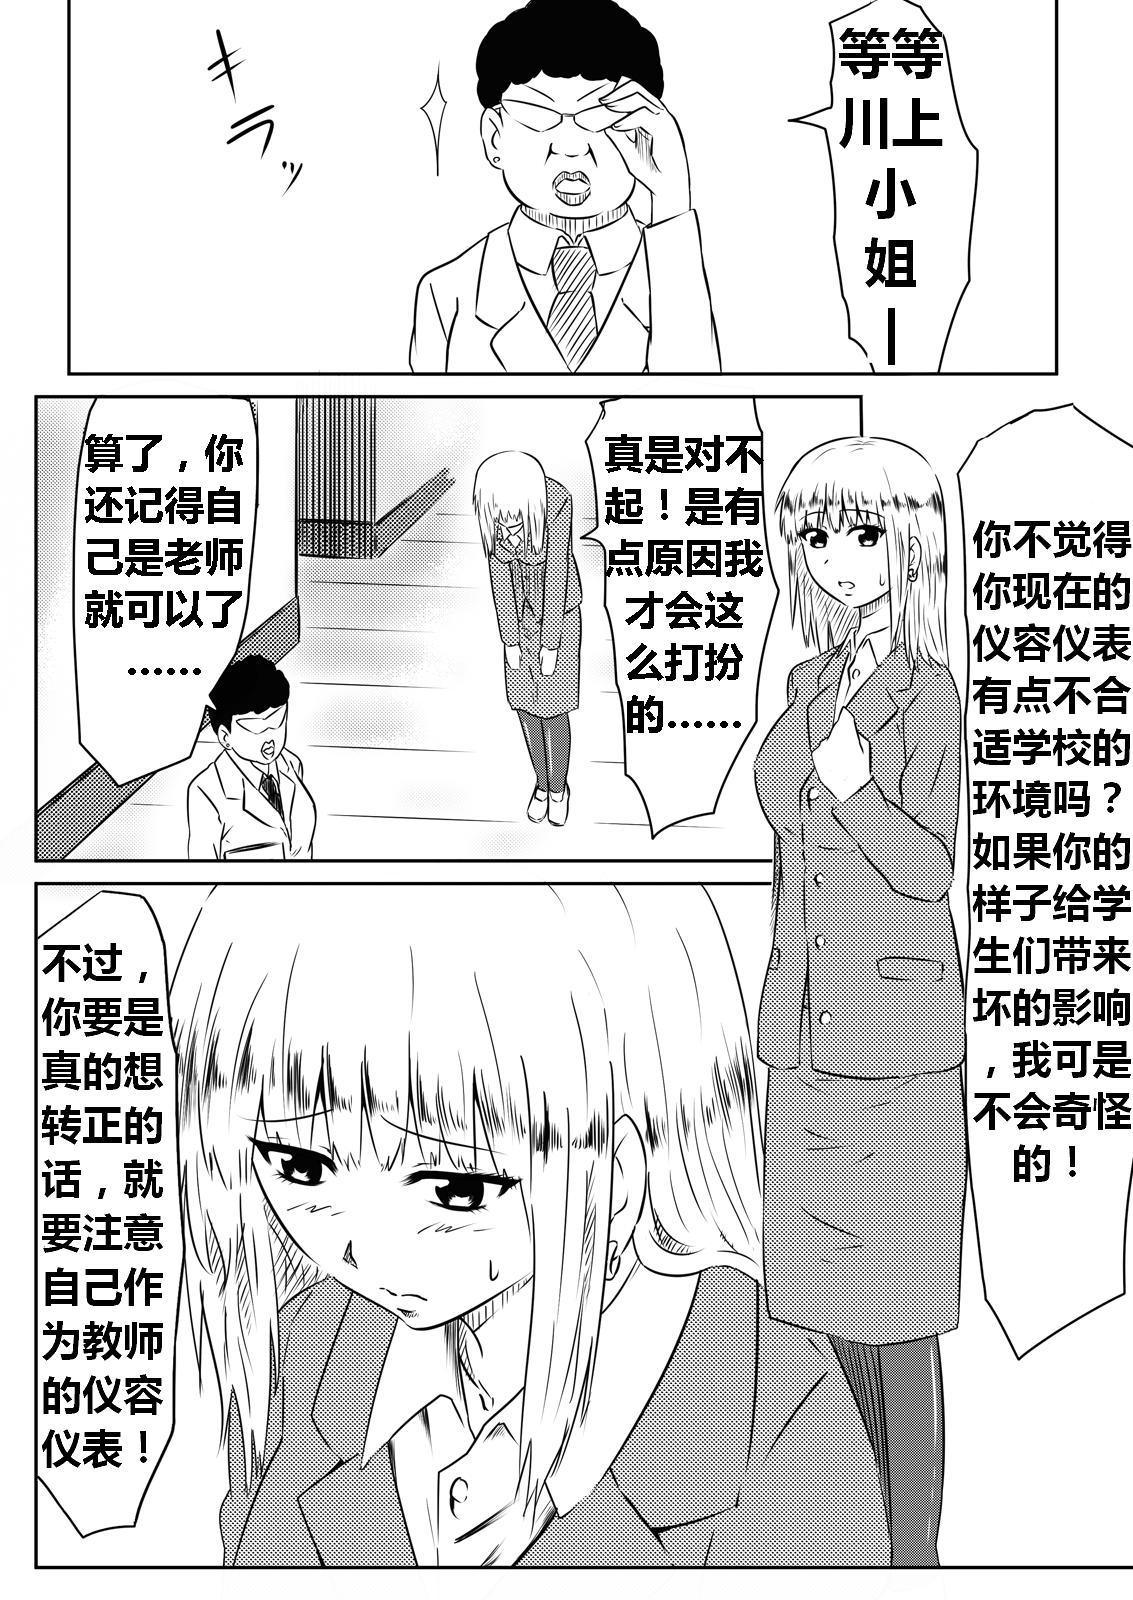 Ore no Kanojo ga Fuuzokujou ni Natta Riyuu | 女朋友下海拍片了 33